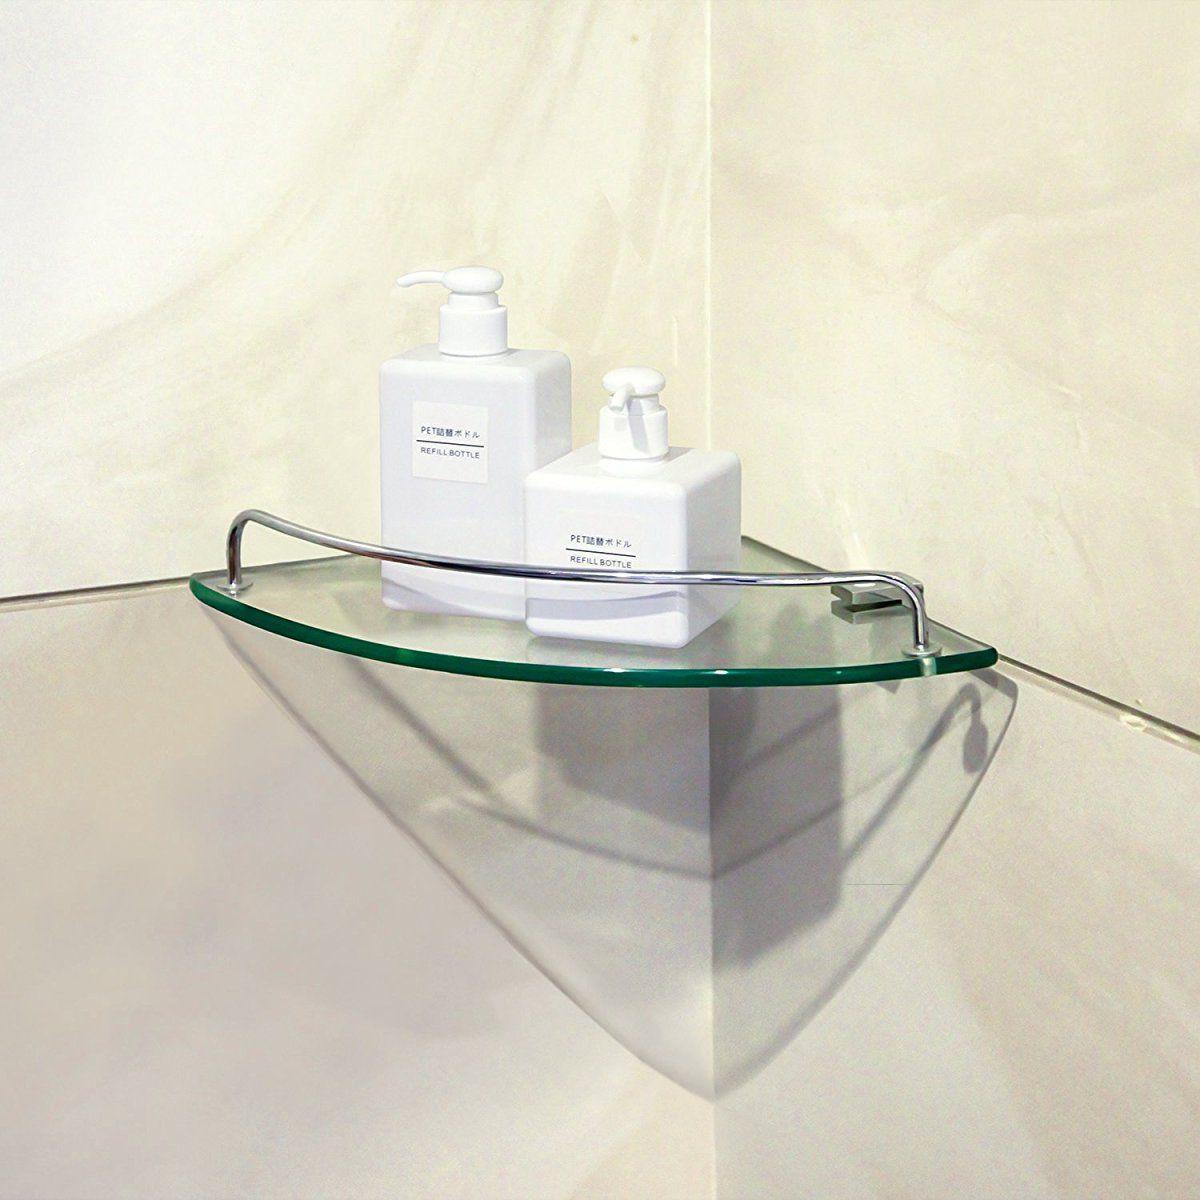 Bathroom tempered glass corner shelf vdomus stainless